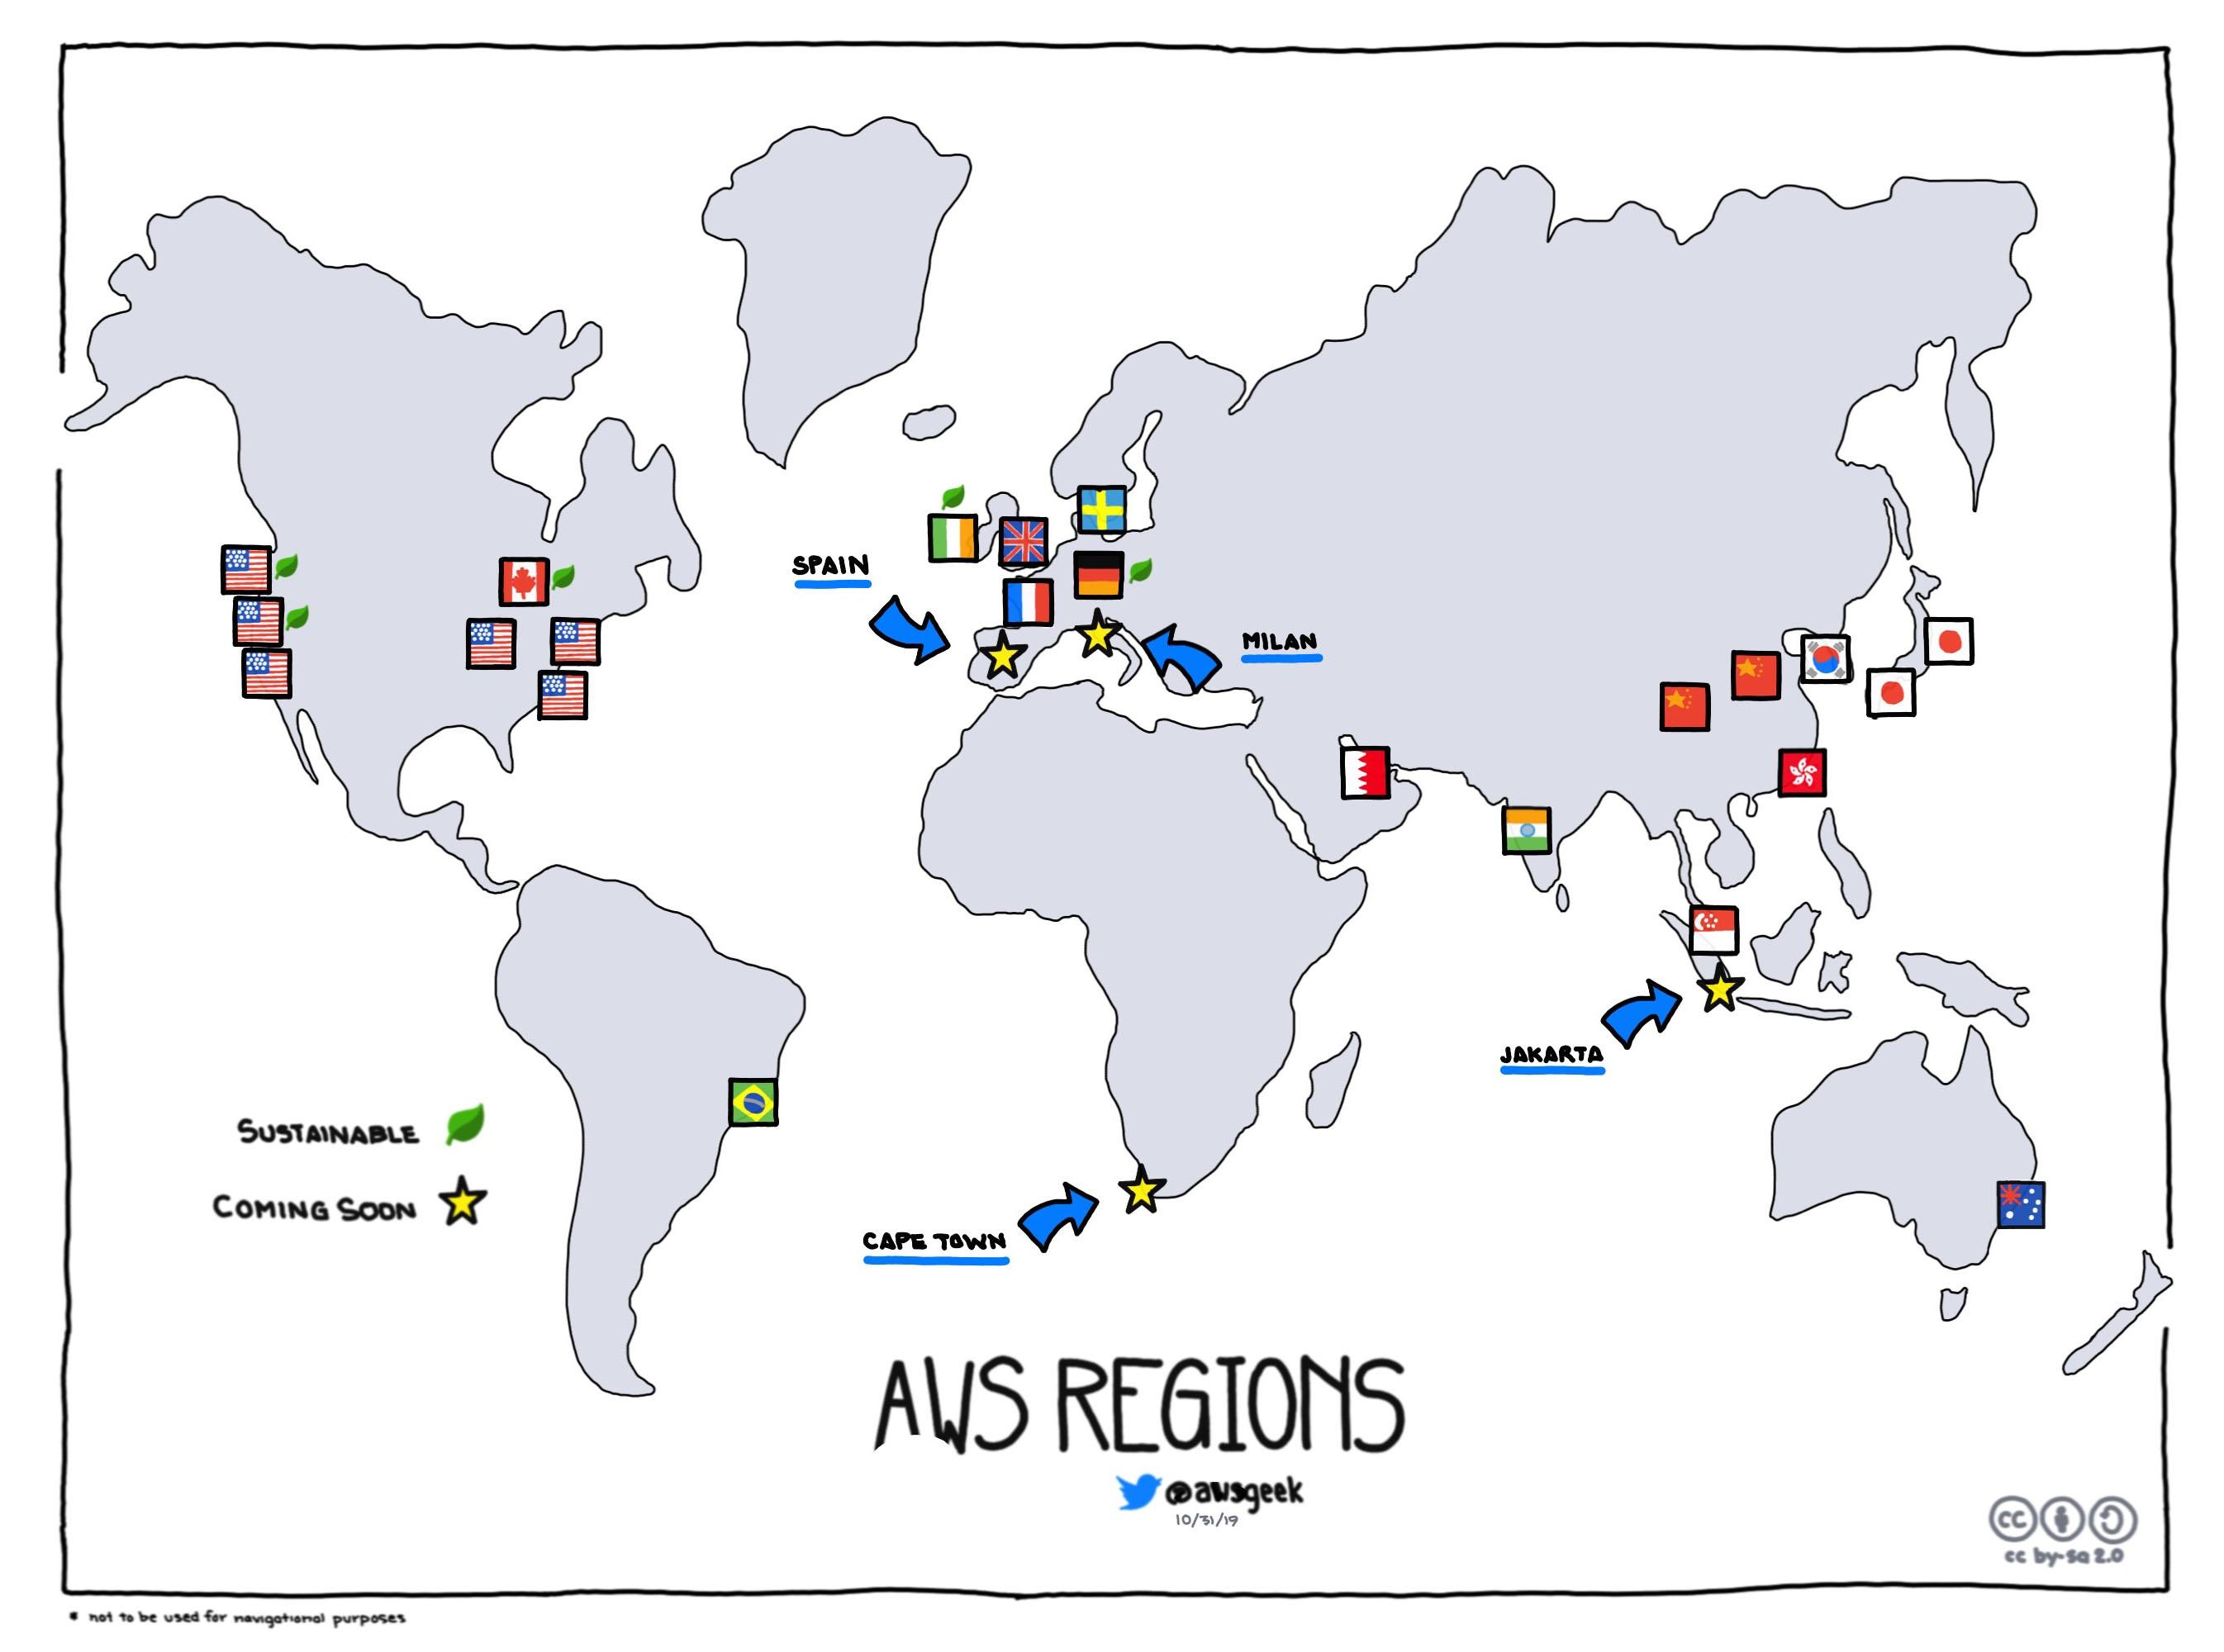 AWS地区,绿叶表示使用绿色能源。